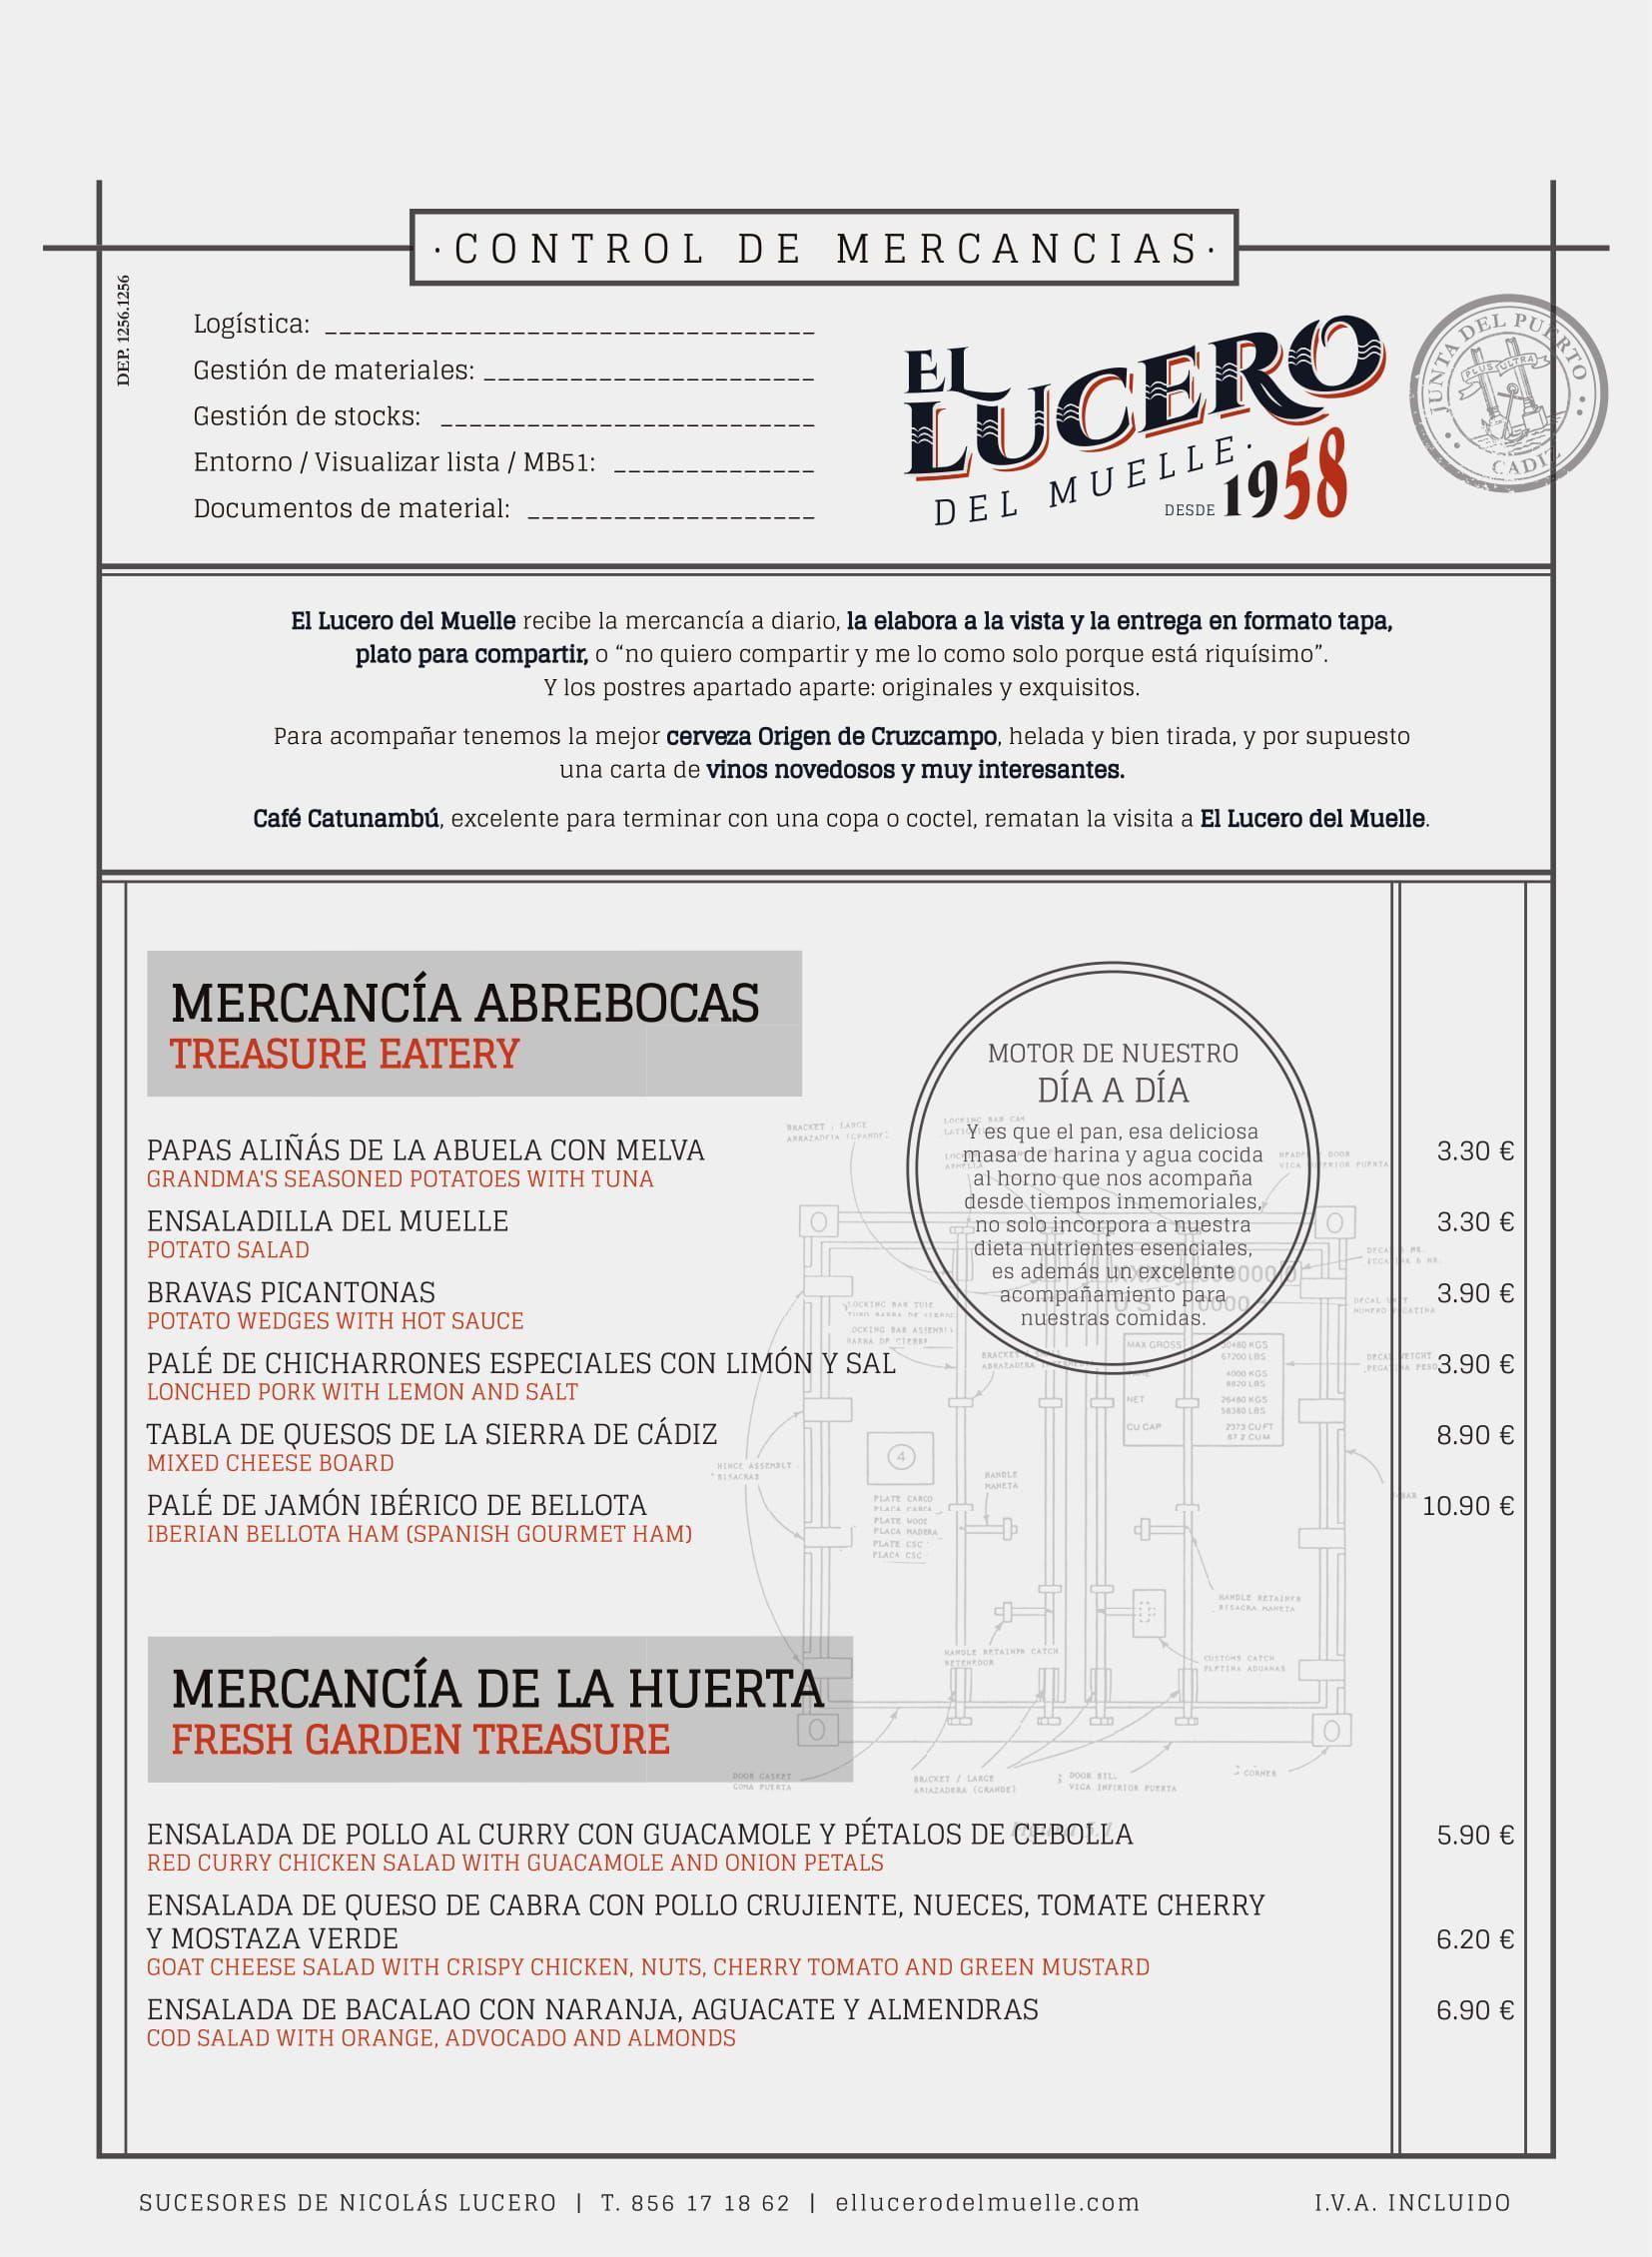 La nueva carta de El Lucero del Muelle sorprenderá tanto a clientes habituales como a nuevos. Déjate sorprender por una cocina con ingredientes mediterráneos.